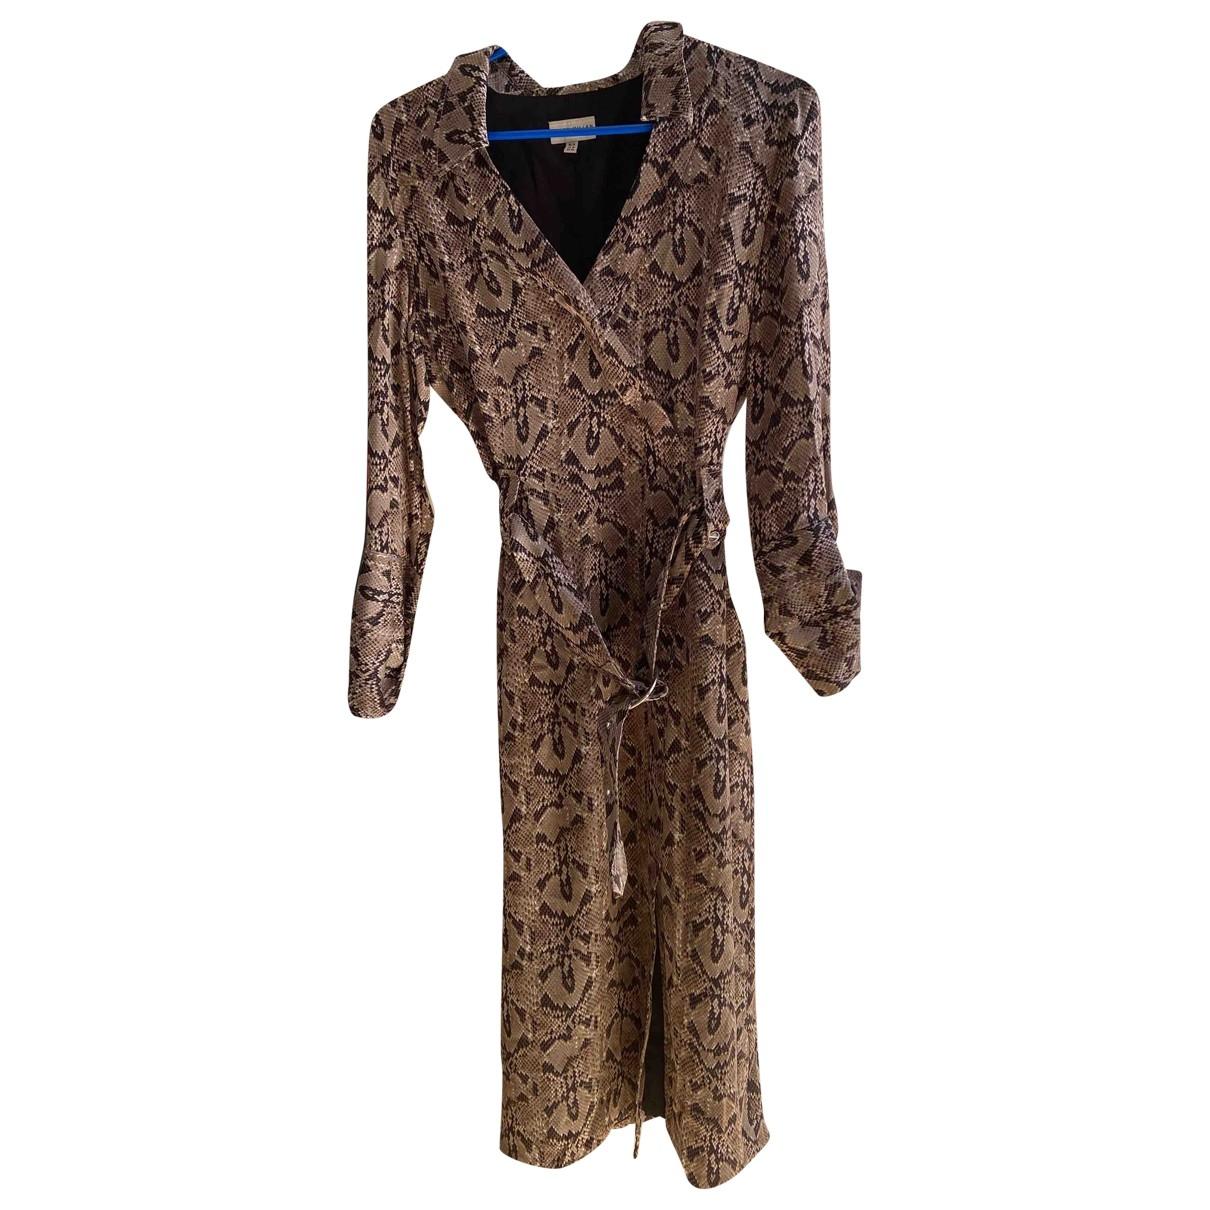 Karen Millen \N Brown dress for Women 14 UK